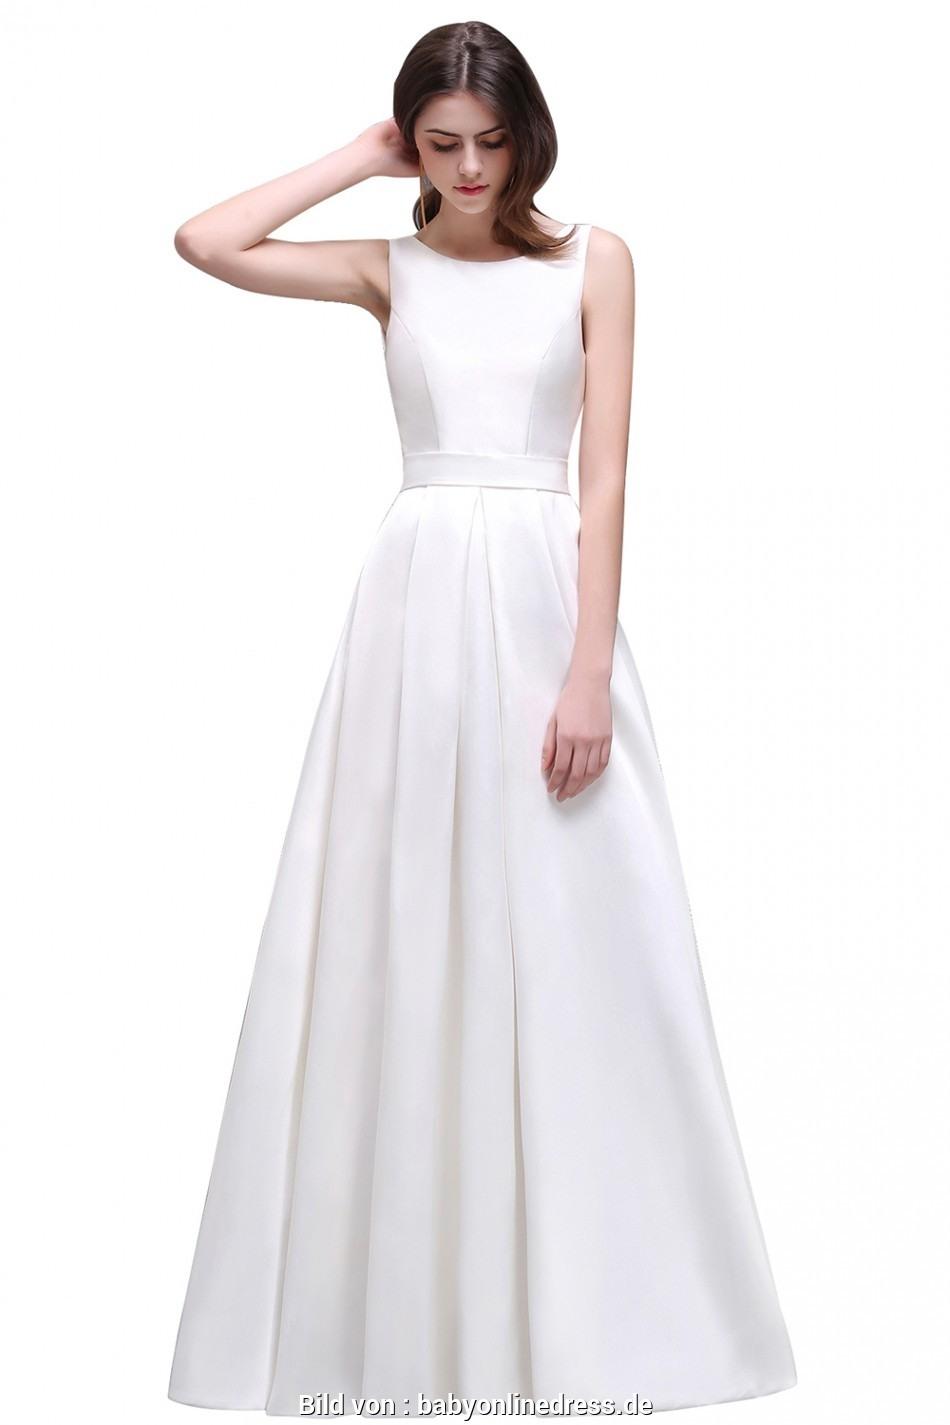 15 Perfekt Lange Abendkleider Günstig Kaufen DesignDesigner Erstaunlich Lange Abendkleider Günstig Kaufen Ärmel